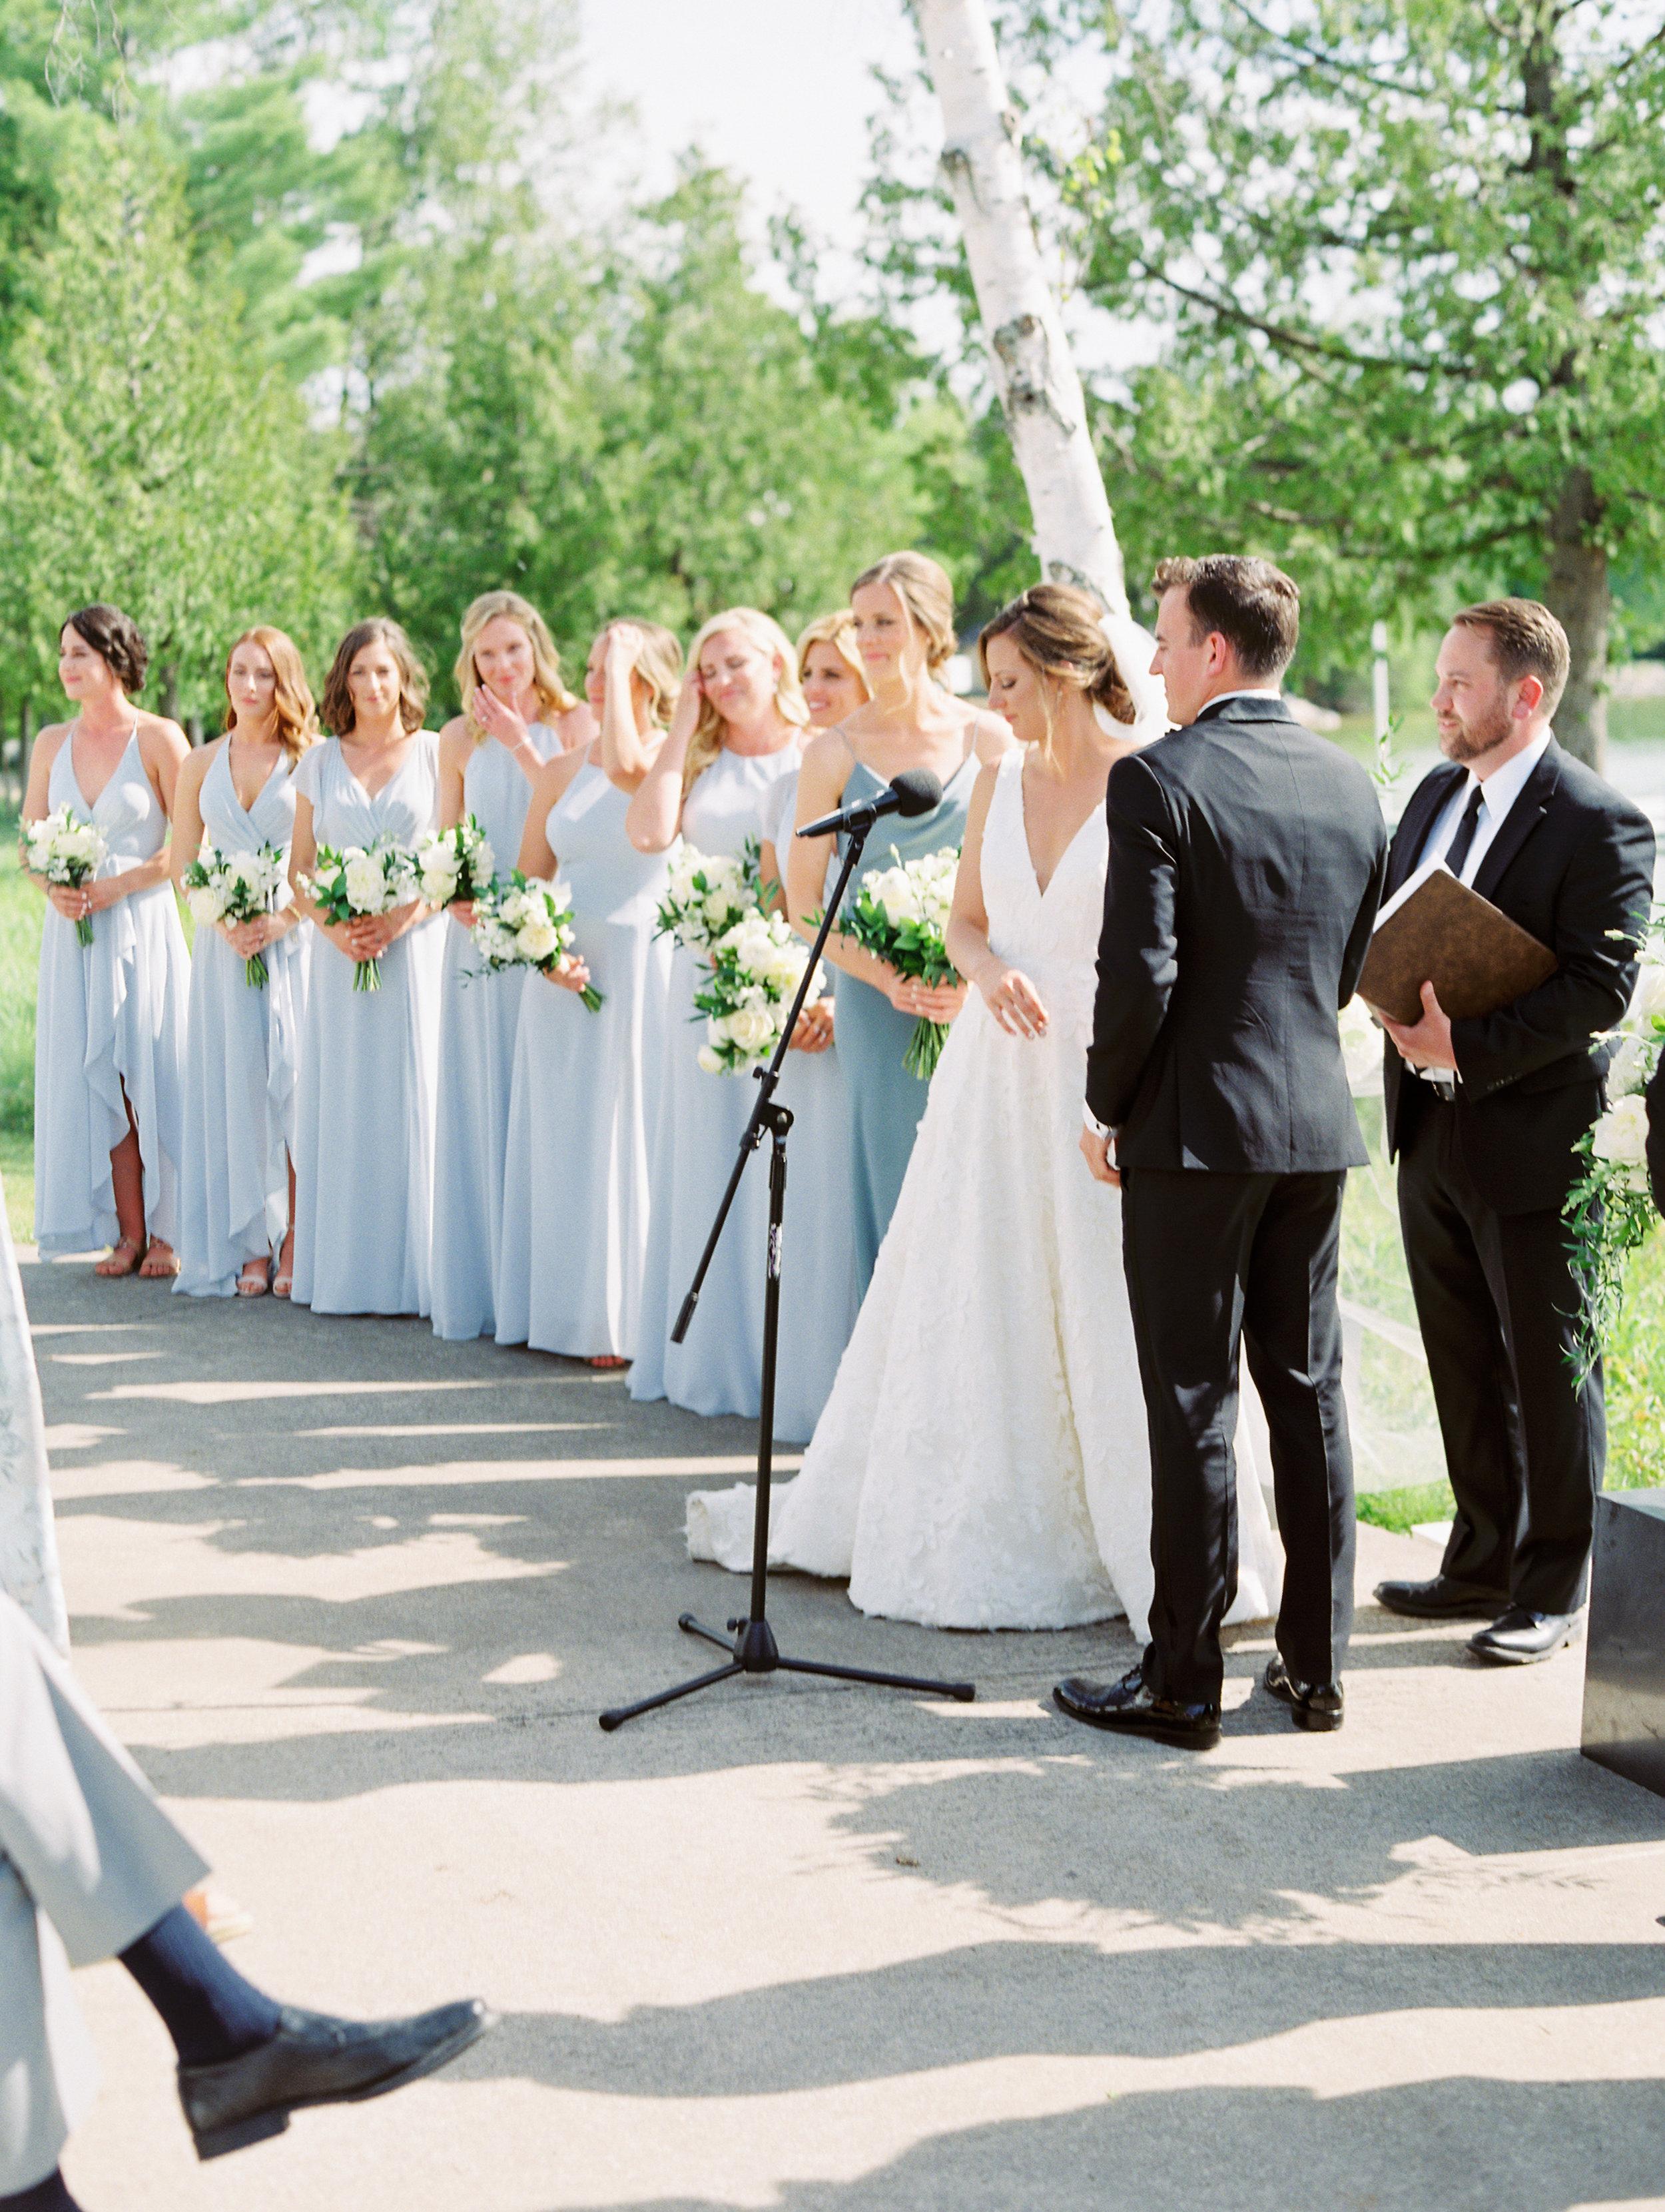 DeGuilio+Wedding+Ceremonyf-17.jpg